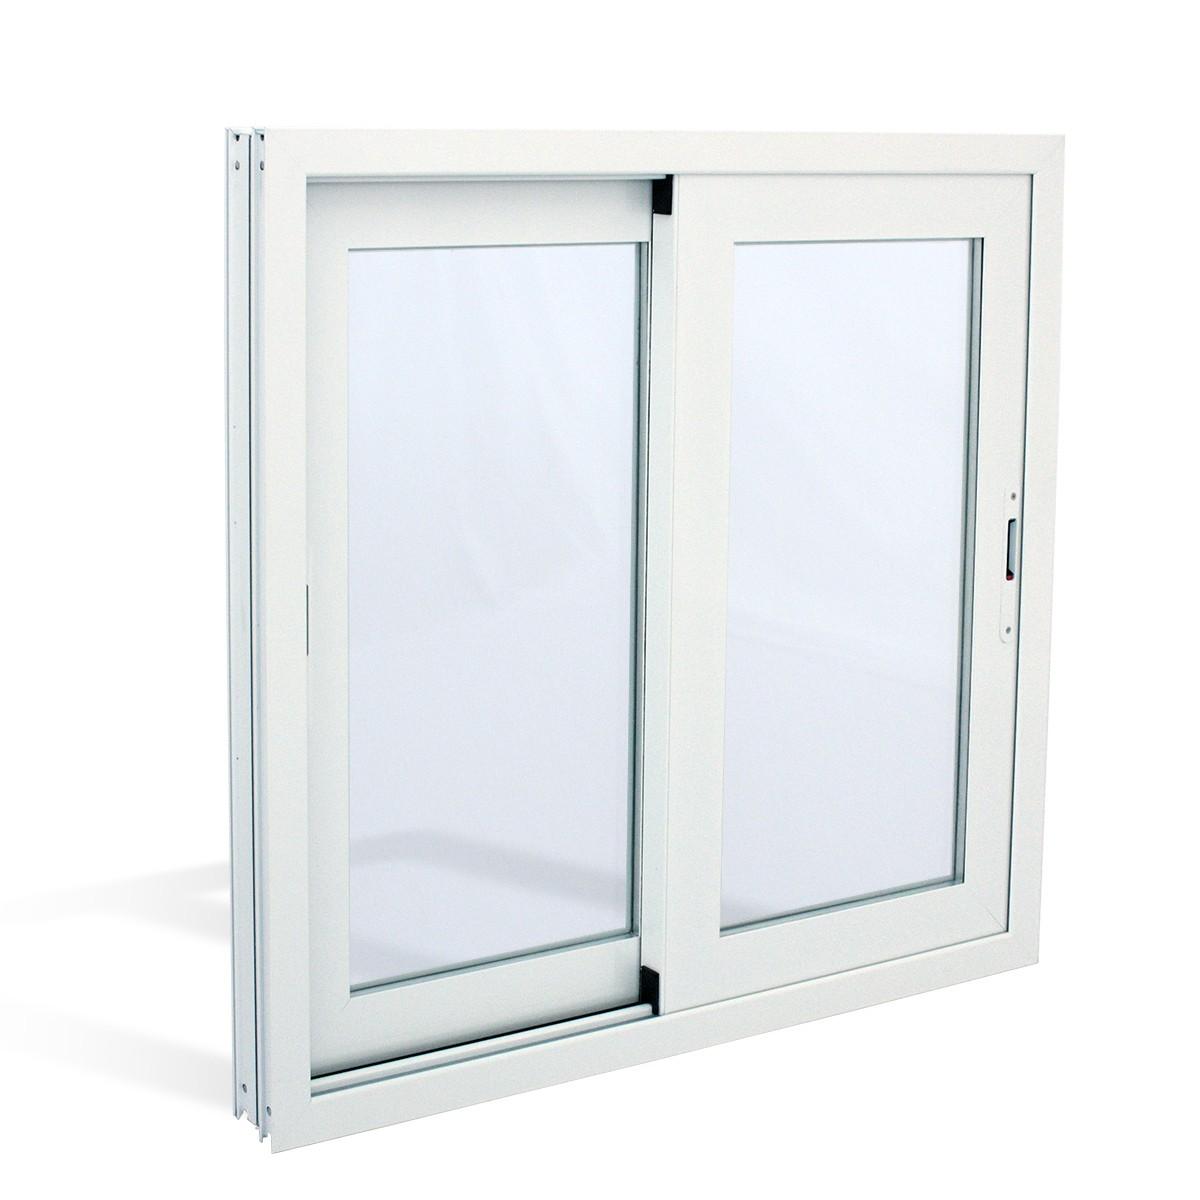 Ventana de aluminio precio interesting ventanas y puertas - Ventanas correderas precios ...